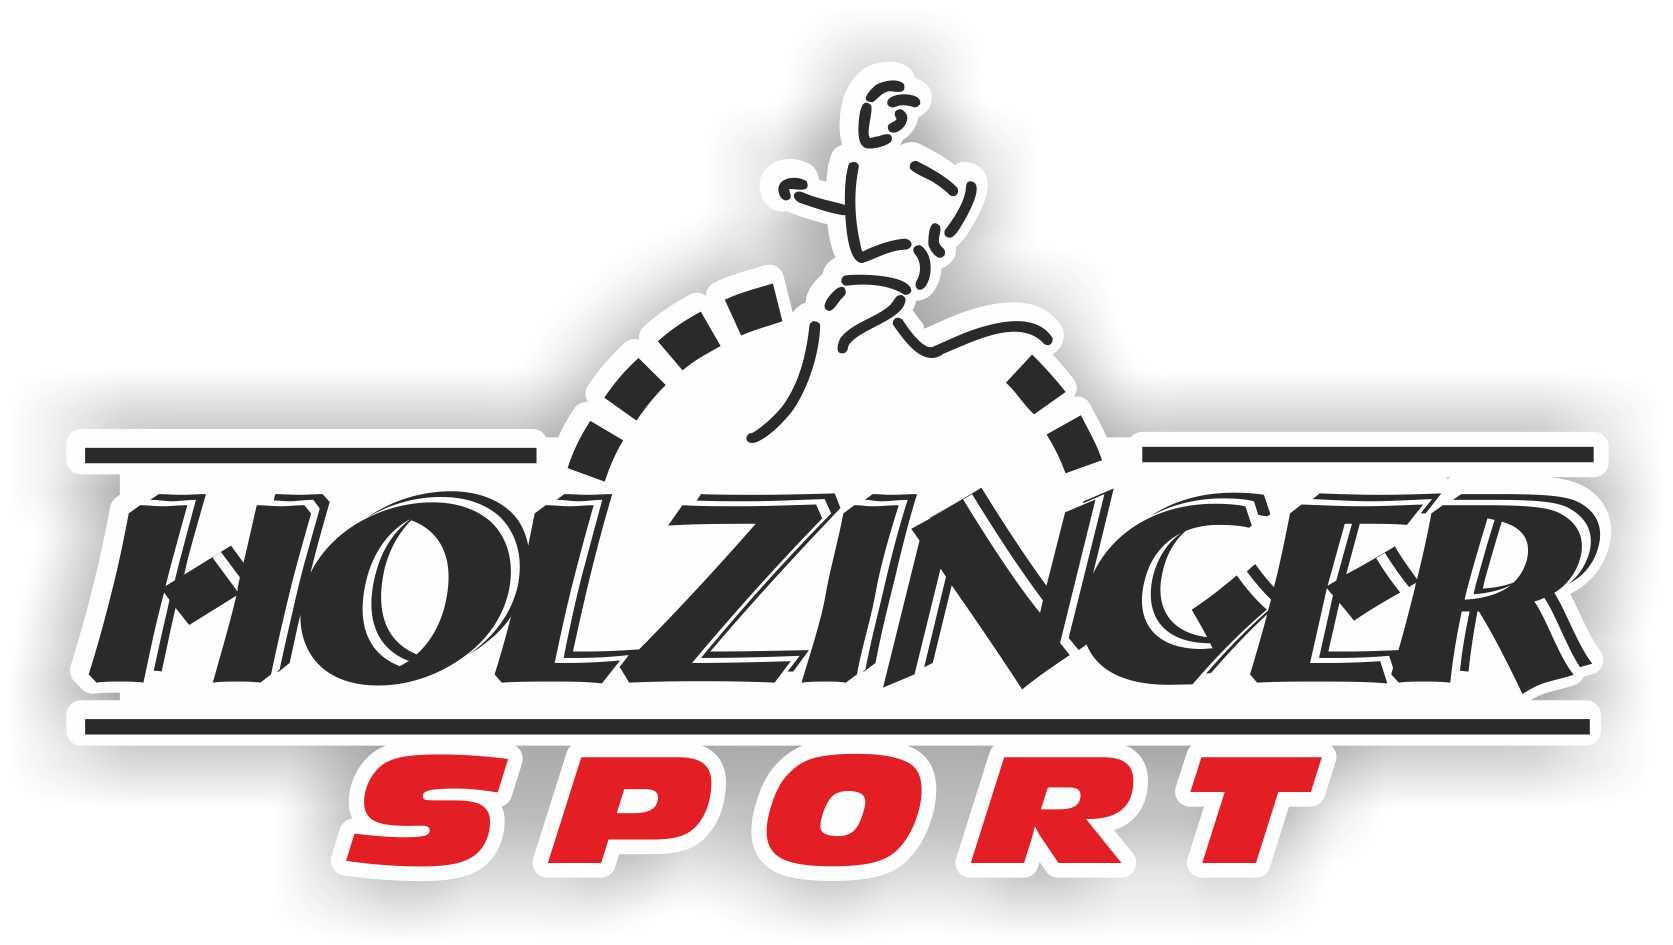 Logo-Holzinger-2012